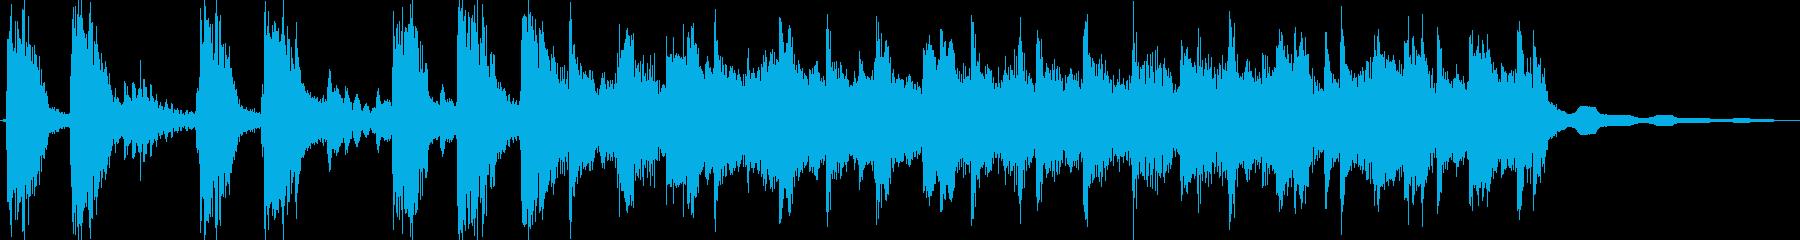 印象に残るエキサイティングロックジングルの再生済みの波形